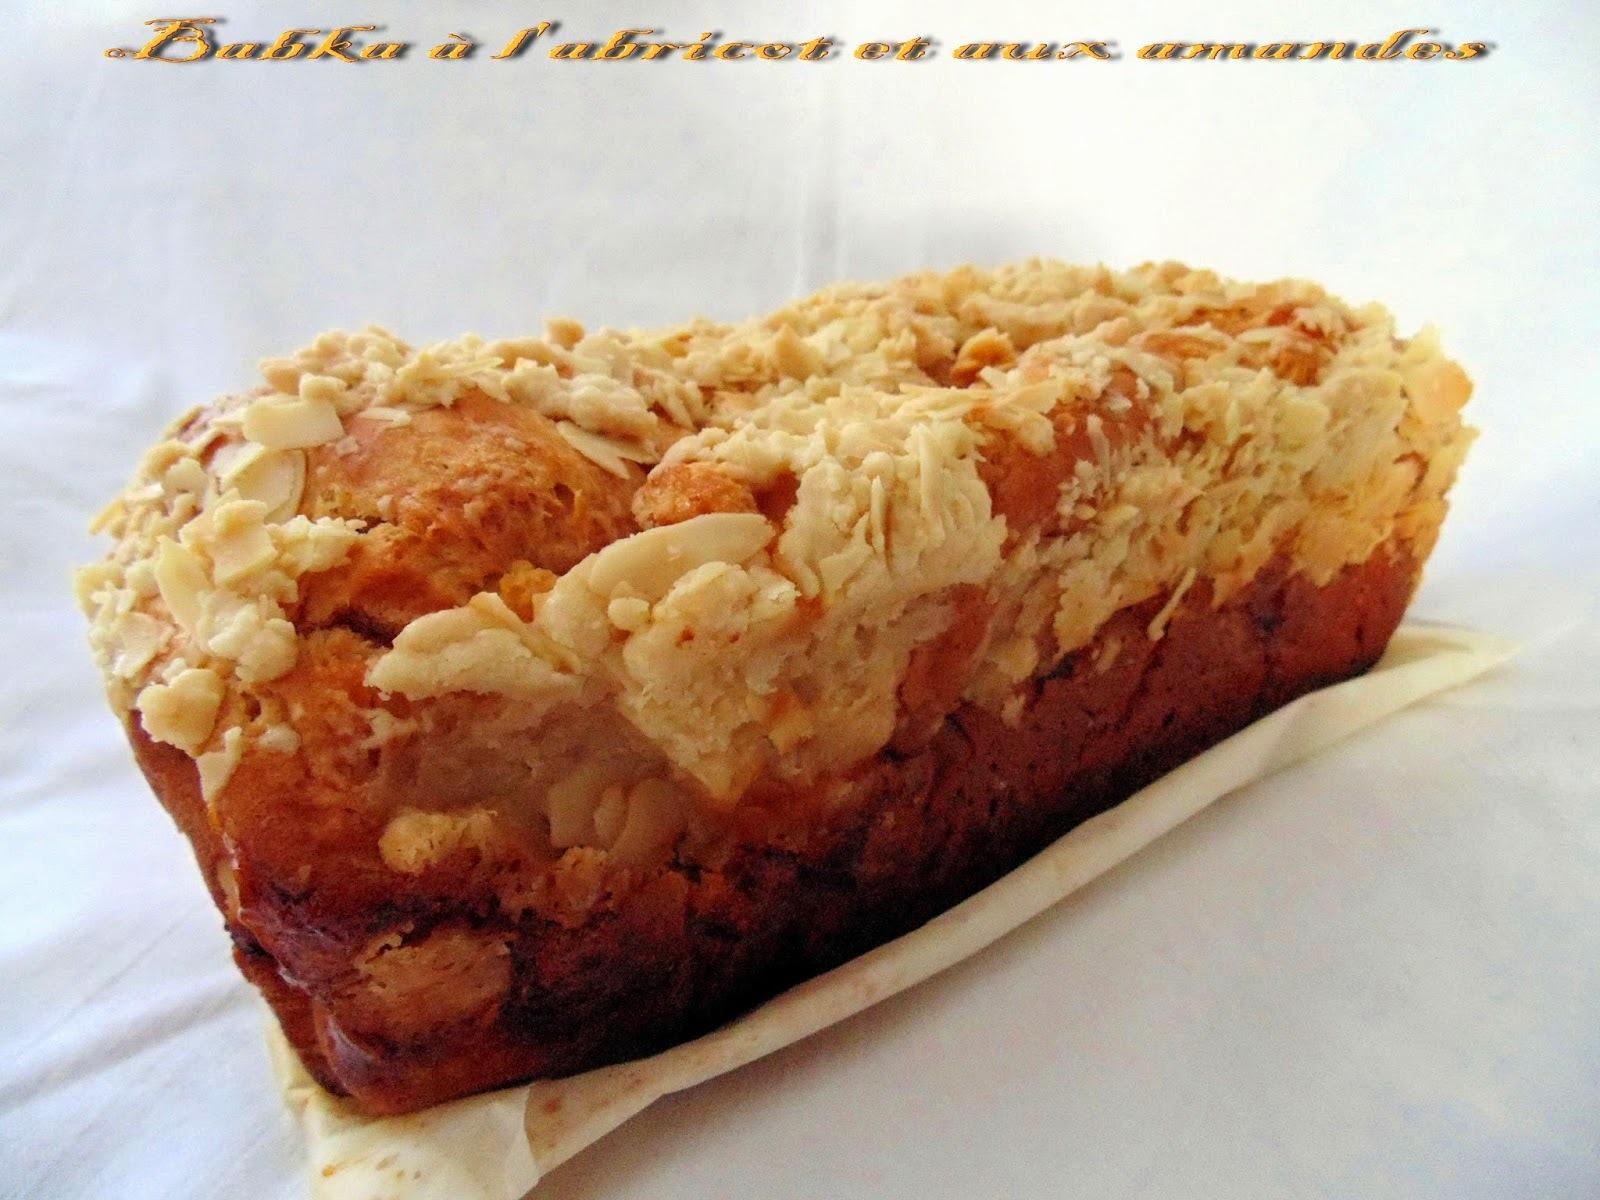 Babka à l'abricot et son streusel aux amandes (Pâques)